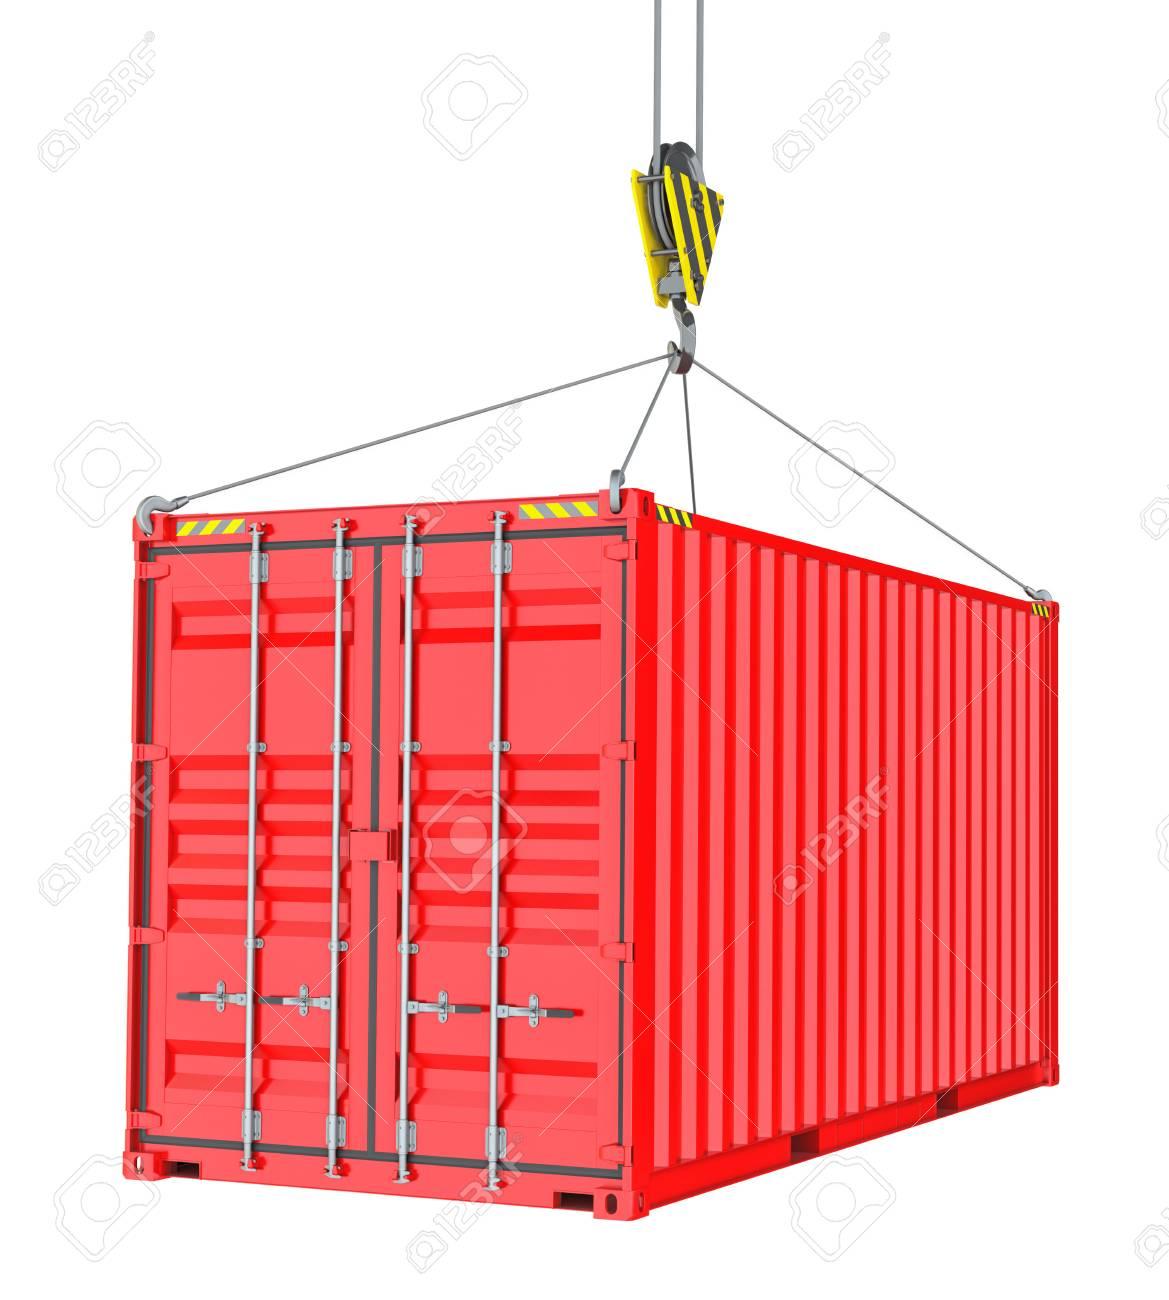 Roter Frachtcontainer Aufhangen Durch Haken Lizenzfreie Fotos